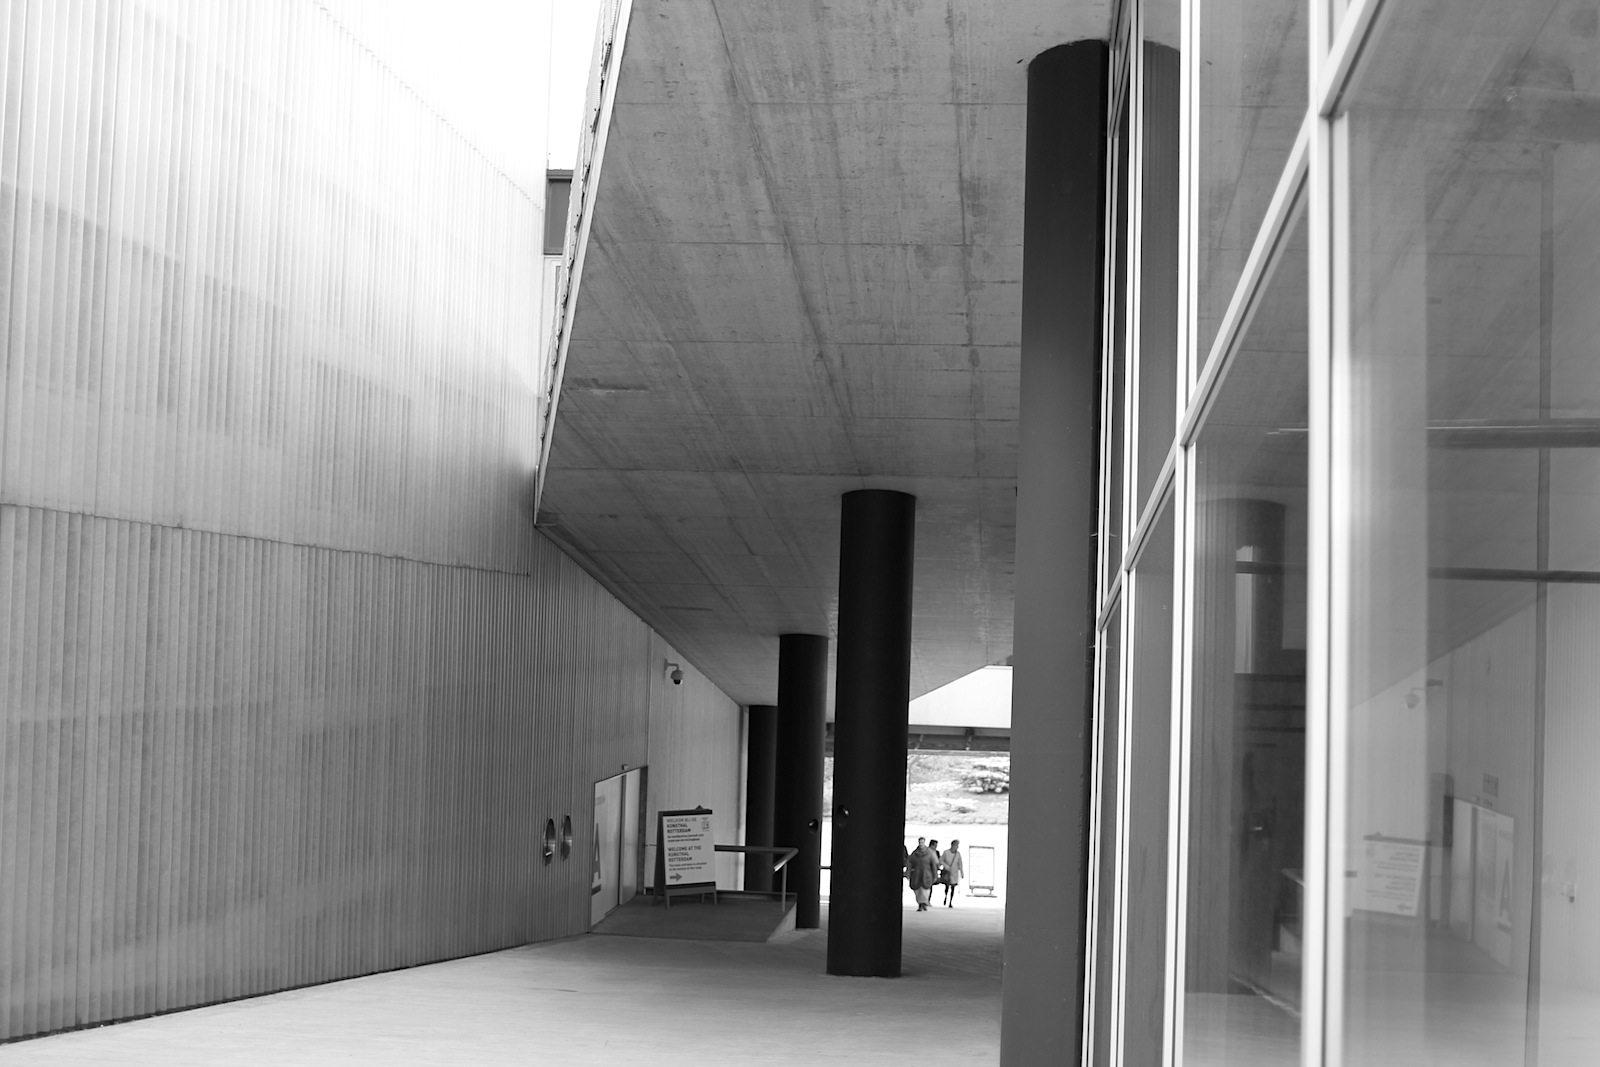 Kunsthal Rotterdam. Die Rampe führt vom Maasboulevard in Richtung Museumspark. Ein Schild weist Besucher*innen gen Eingang, anscheinend ist dieser schwer zu finden.